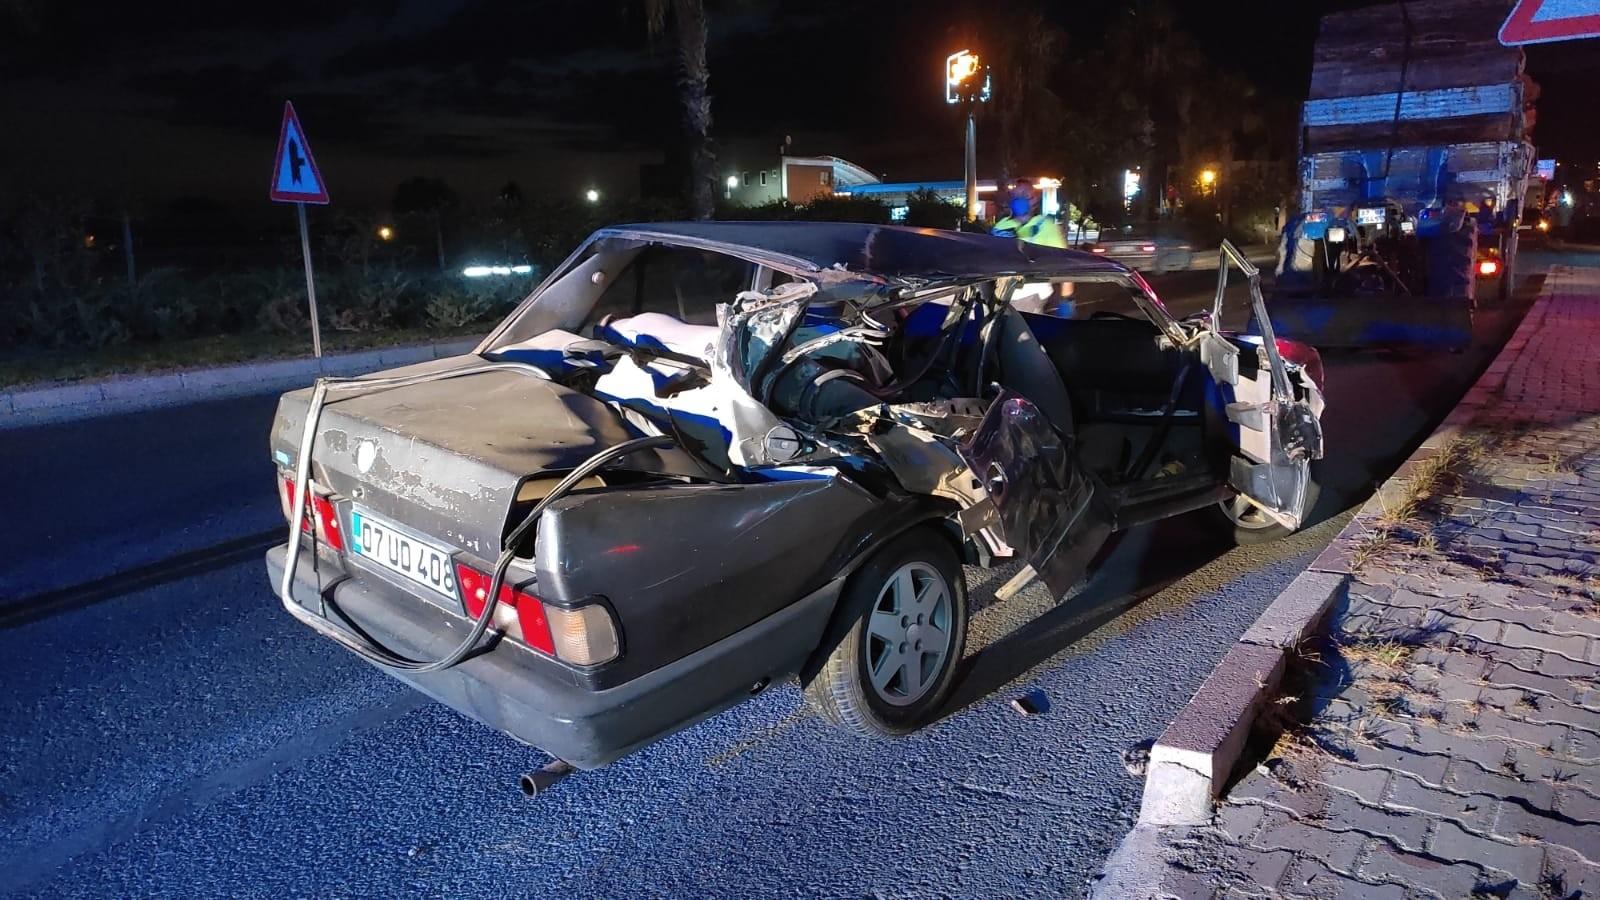 Traktöre Çarpmanın etkisiyle otomobil sürücüsü arabadan fırladı